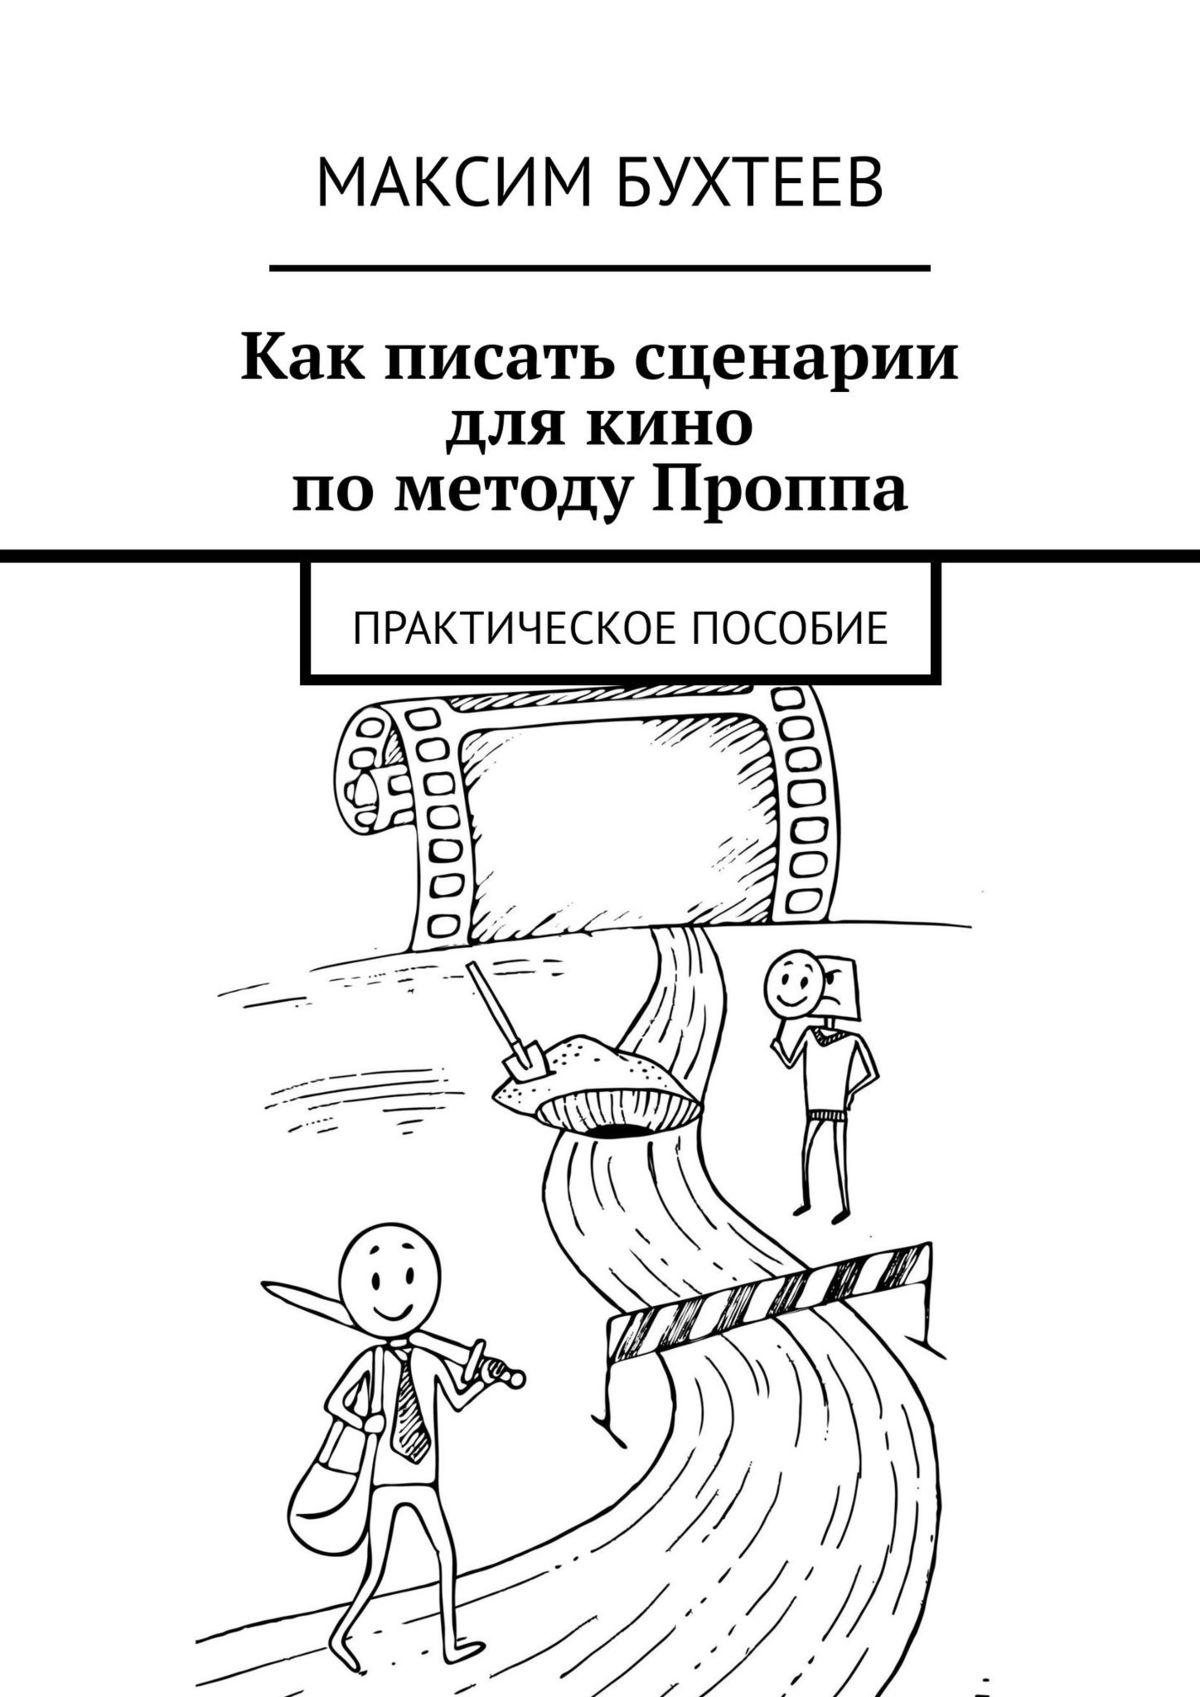 цена на Максим Бухтеев Как писать сценарии длякино пометоду Проппа. Практическое пособие